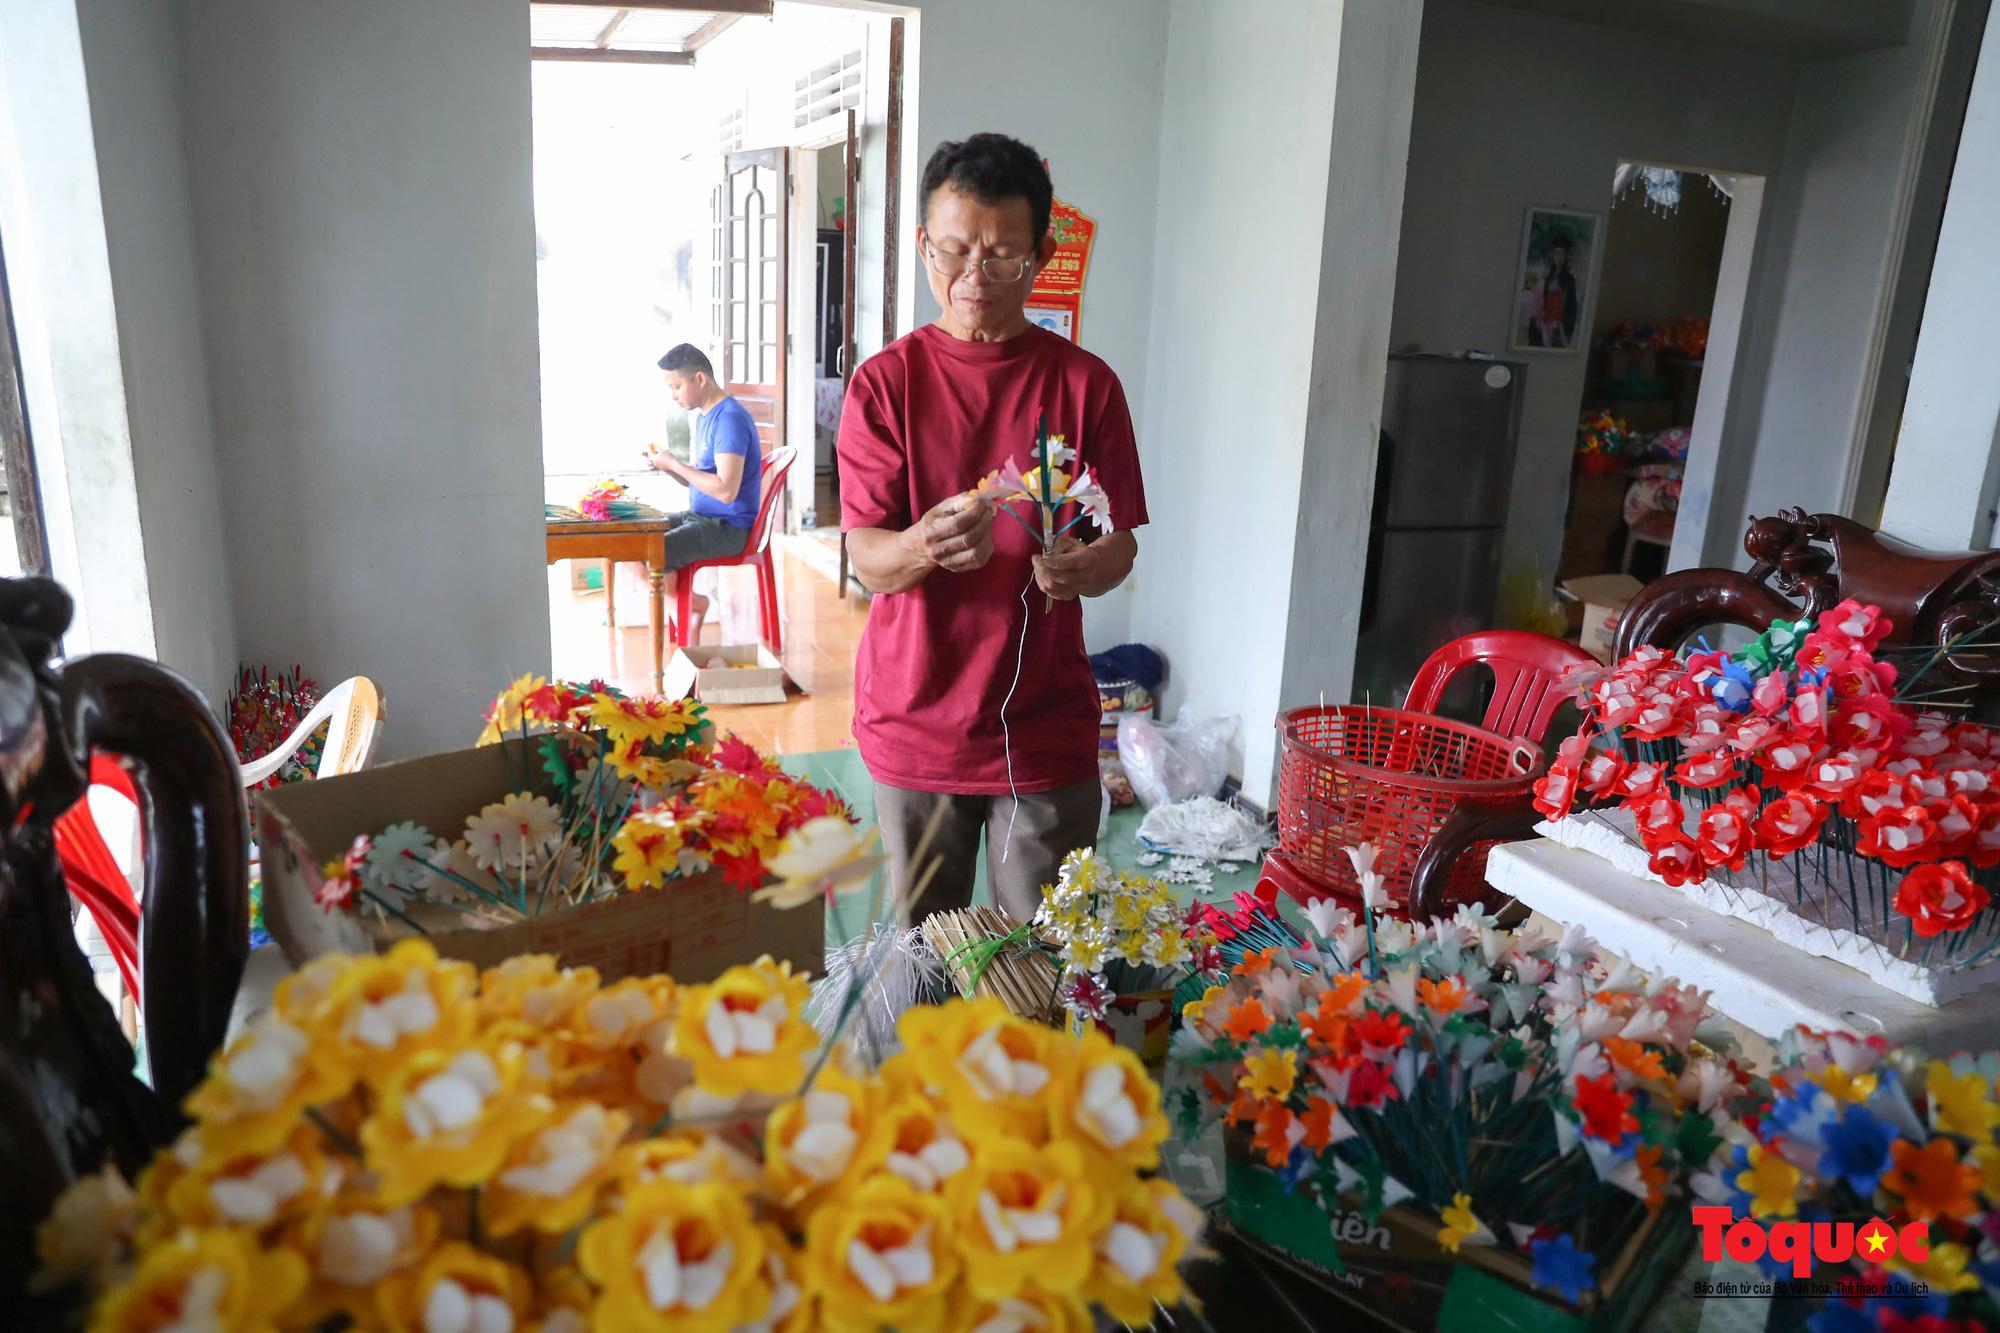 Rực rỡ sắc màu hoa Tết tại làng nghề hoa giấy hơn 300 tuổi - Ảnh 6.